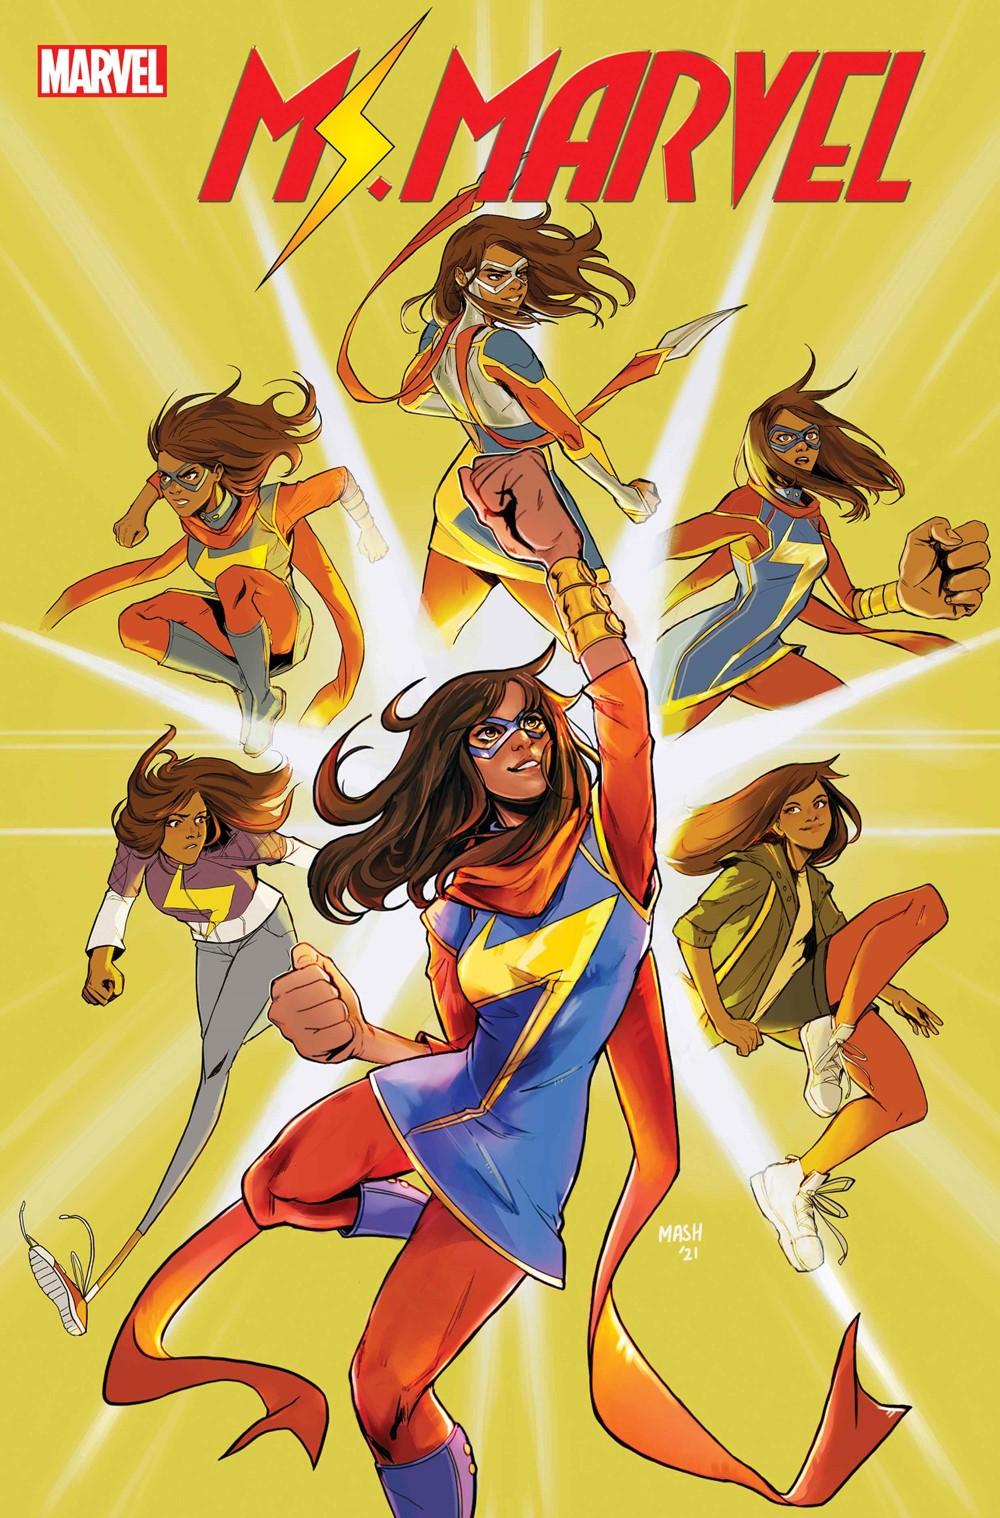 MSMARV2021001_COV Marvel Comics September 2021 Solicitations